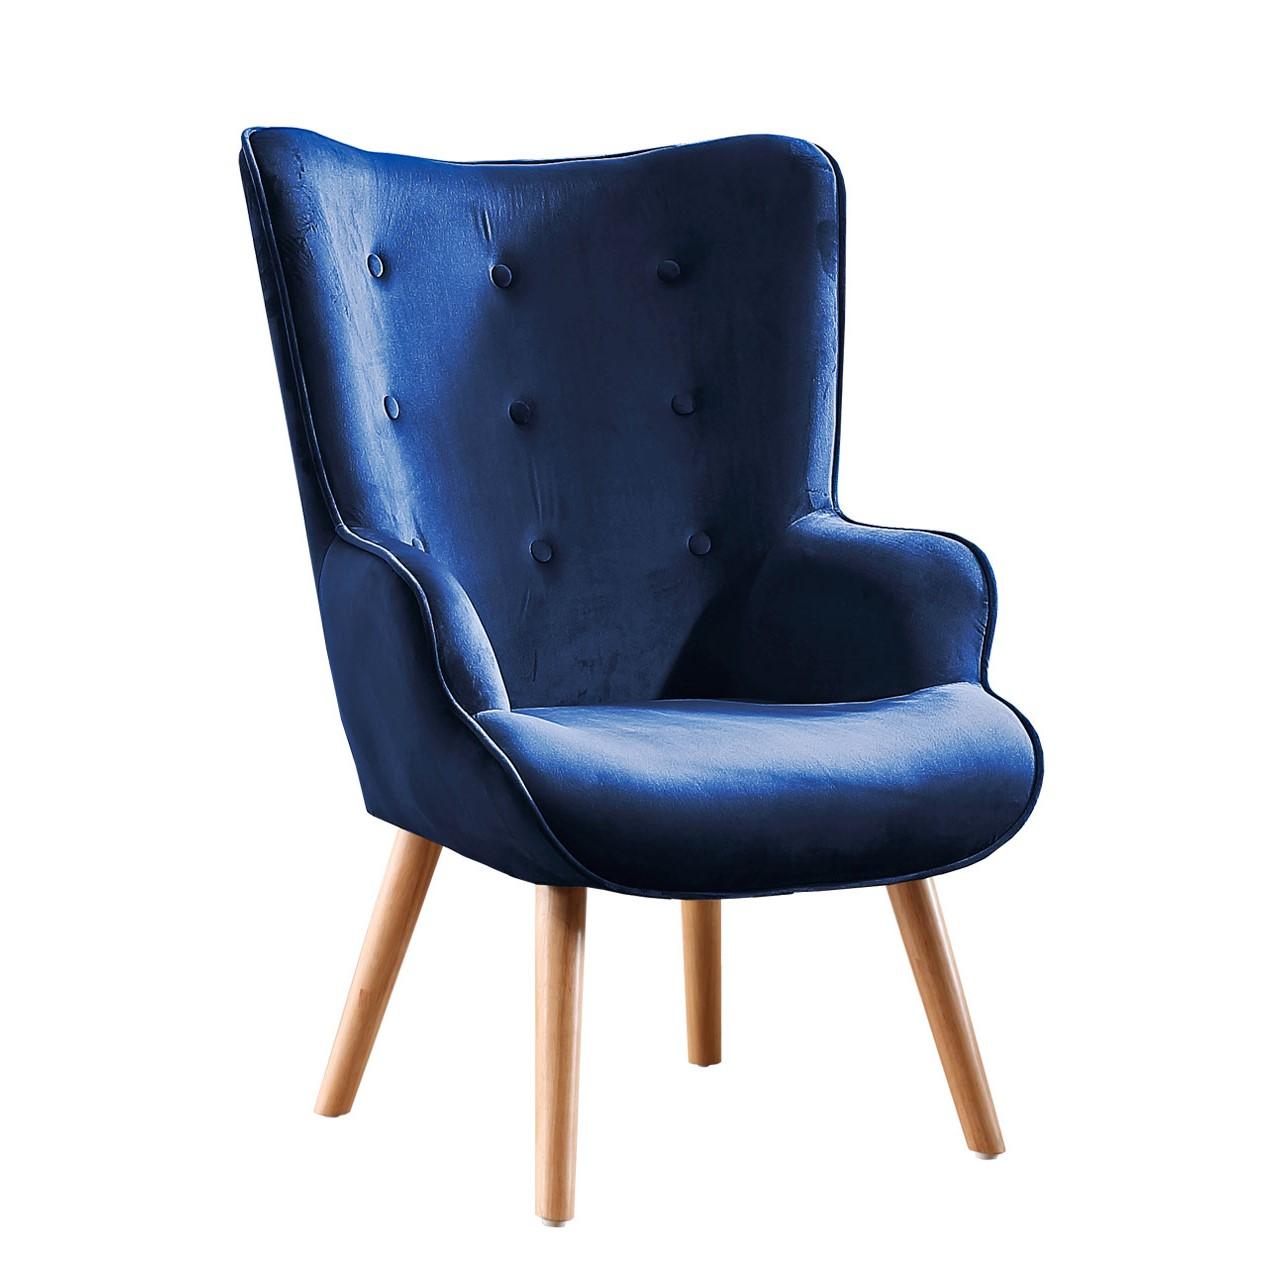 29927-butaca-boss-tejido-azul-velvet.jpg